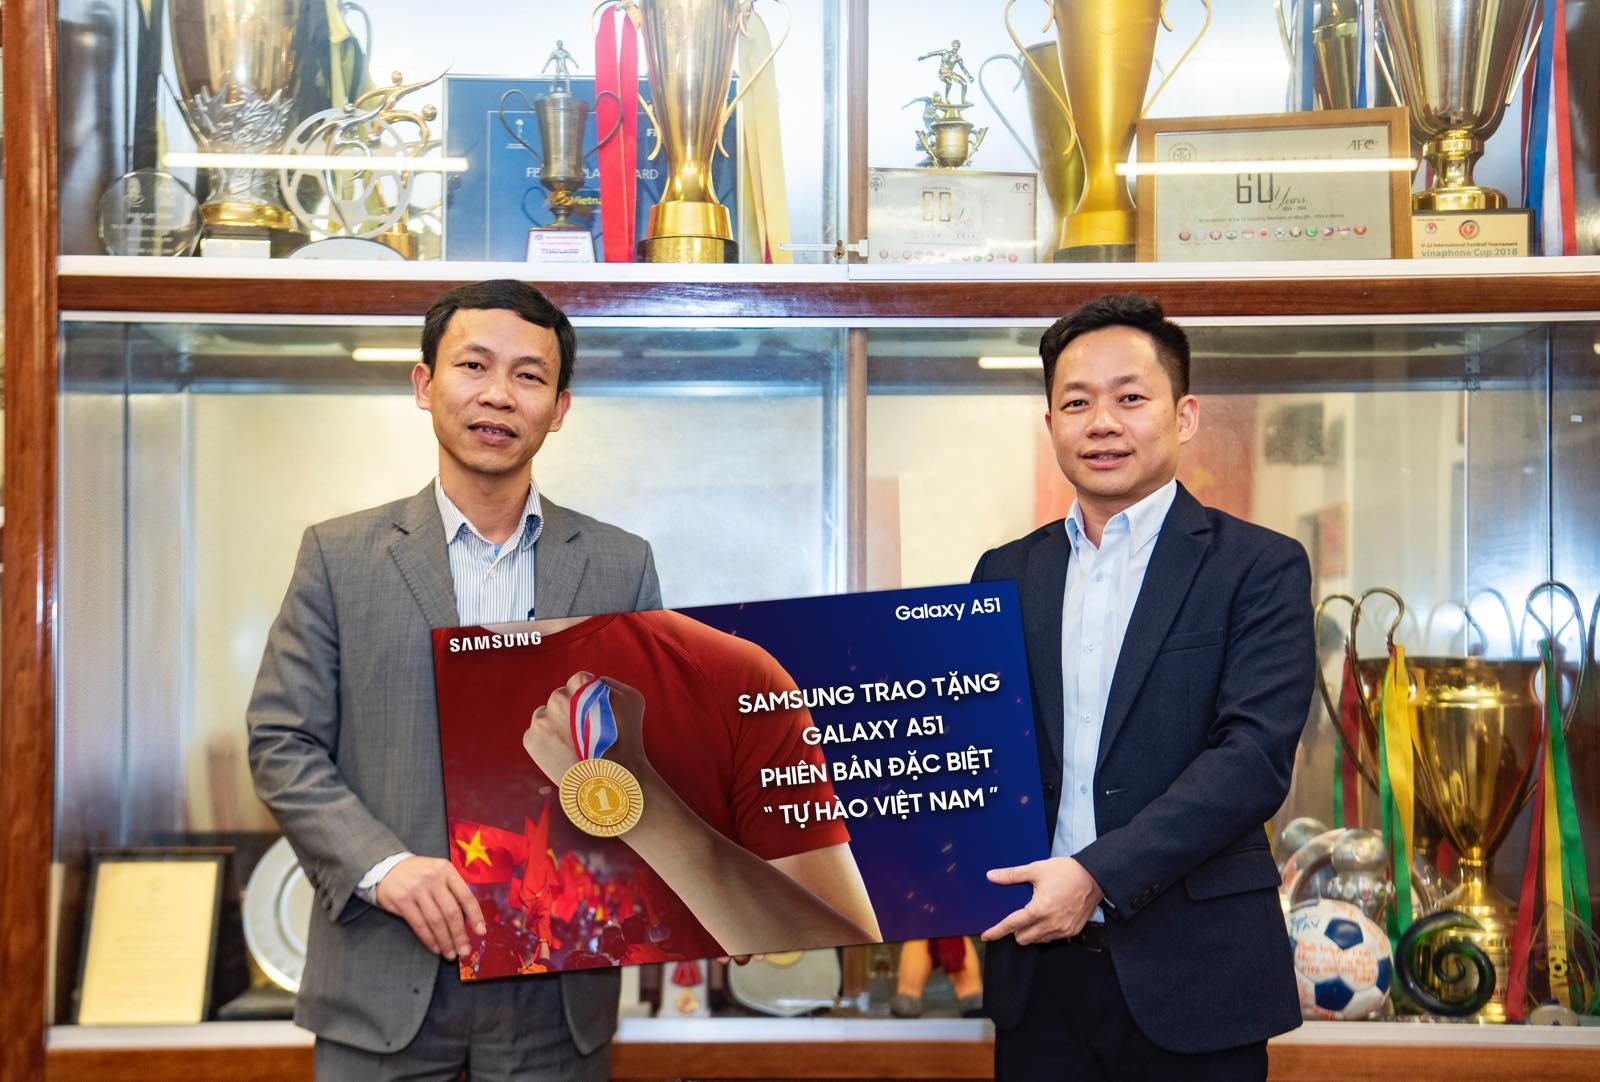 """Samsung tặng Galaxy A51 Phiên bản đặc biệt """"Tự Hào Việt Nam"""" cho tuyển Bóng đá Nam và Nữ vừa đoạt Huy Chương Vàng SEA GAMES 2019"""